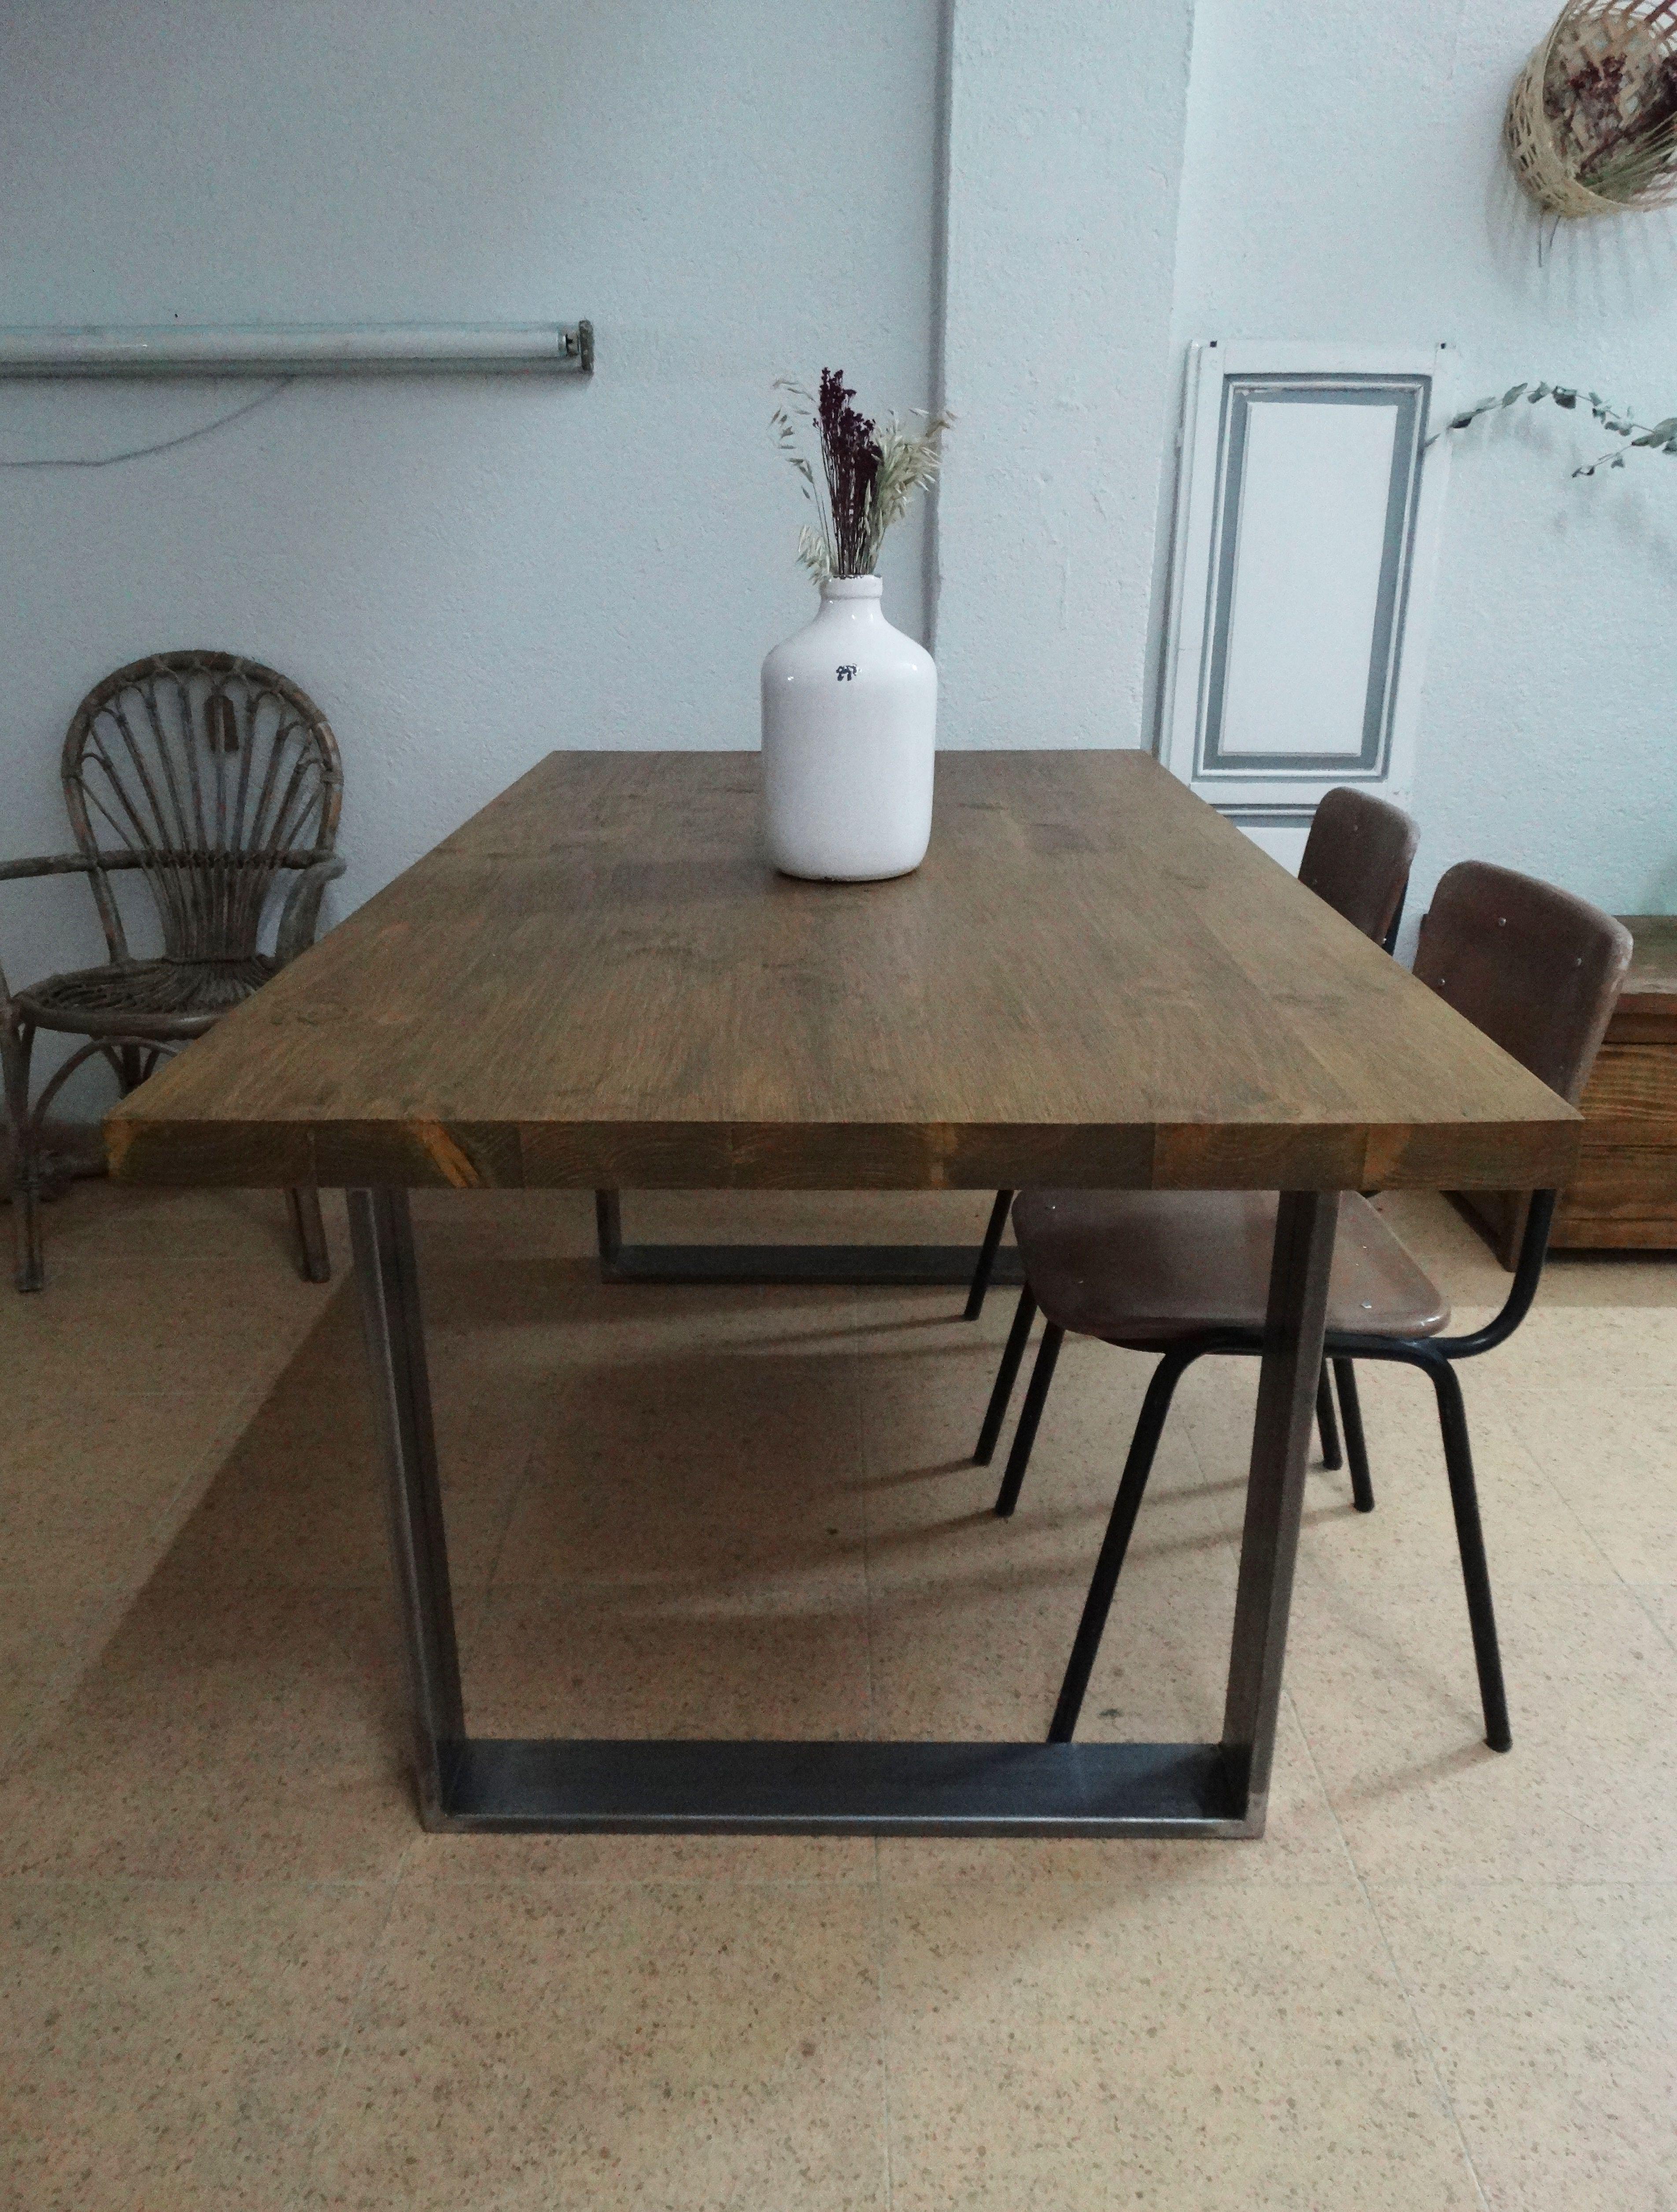 MESA DE COMEDOR INDUSTRIAL Mesa de comedor hecha con madera maciza y ...